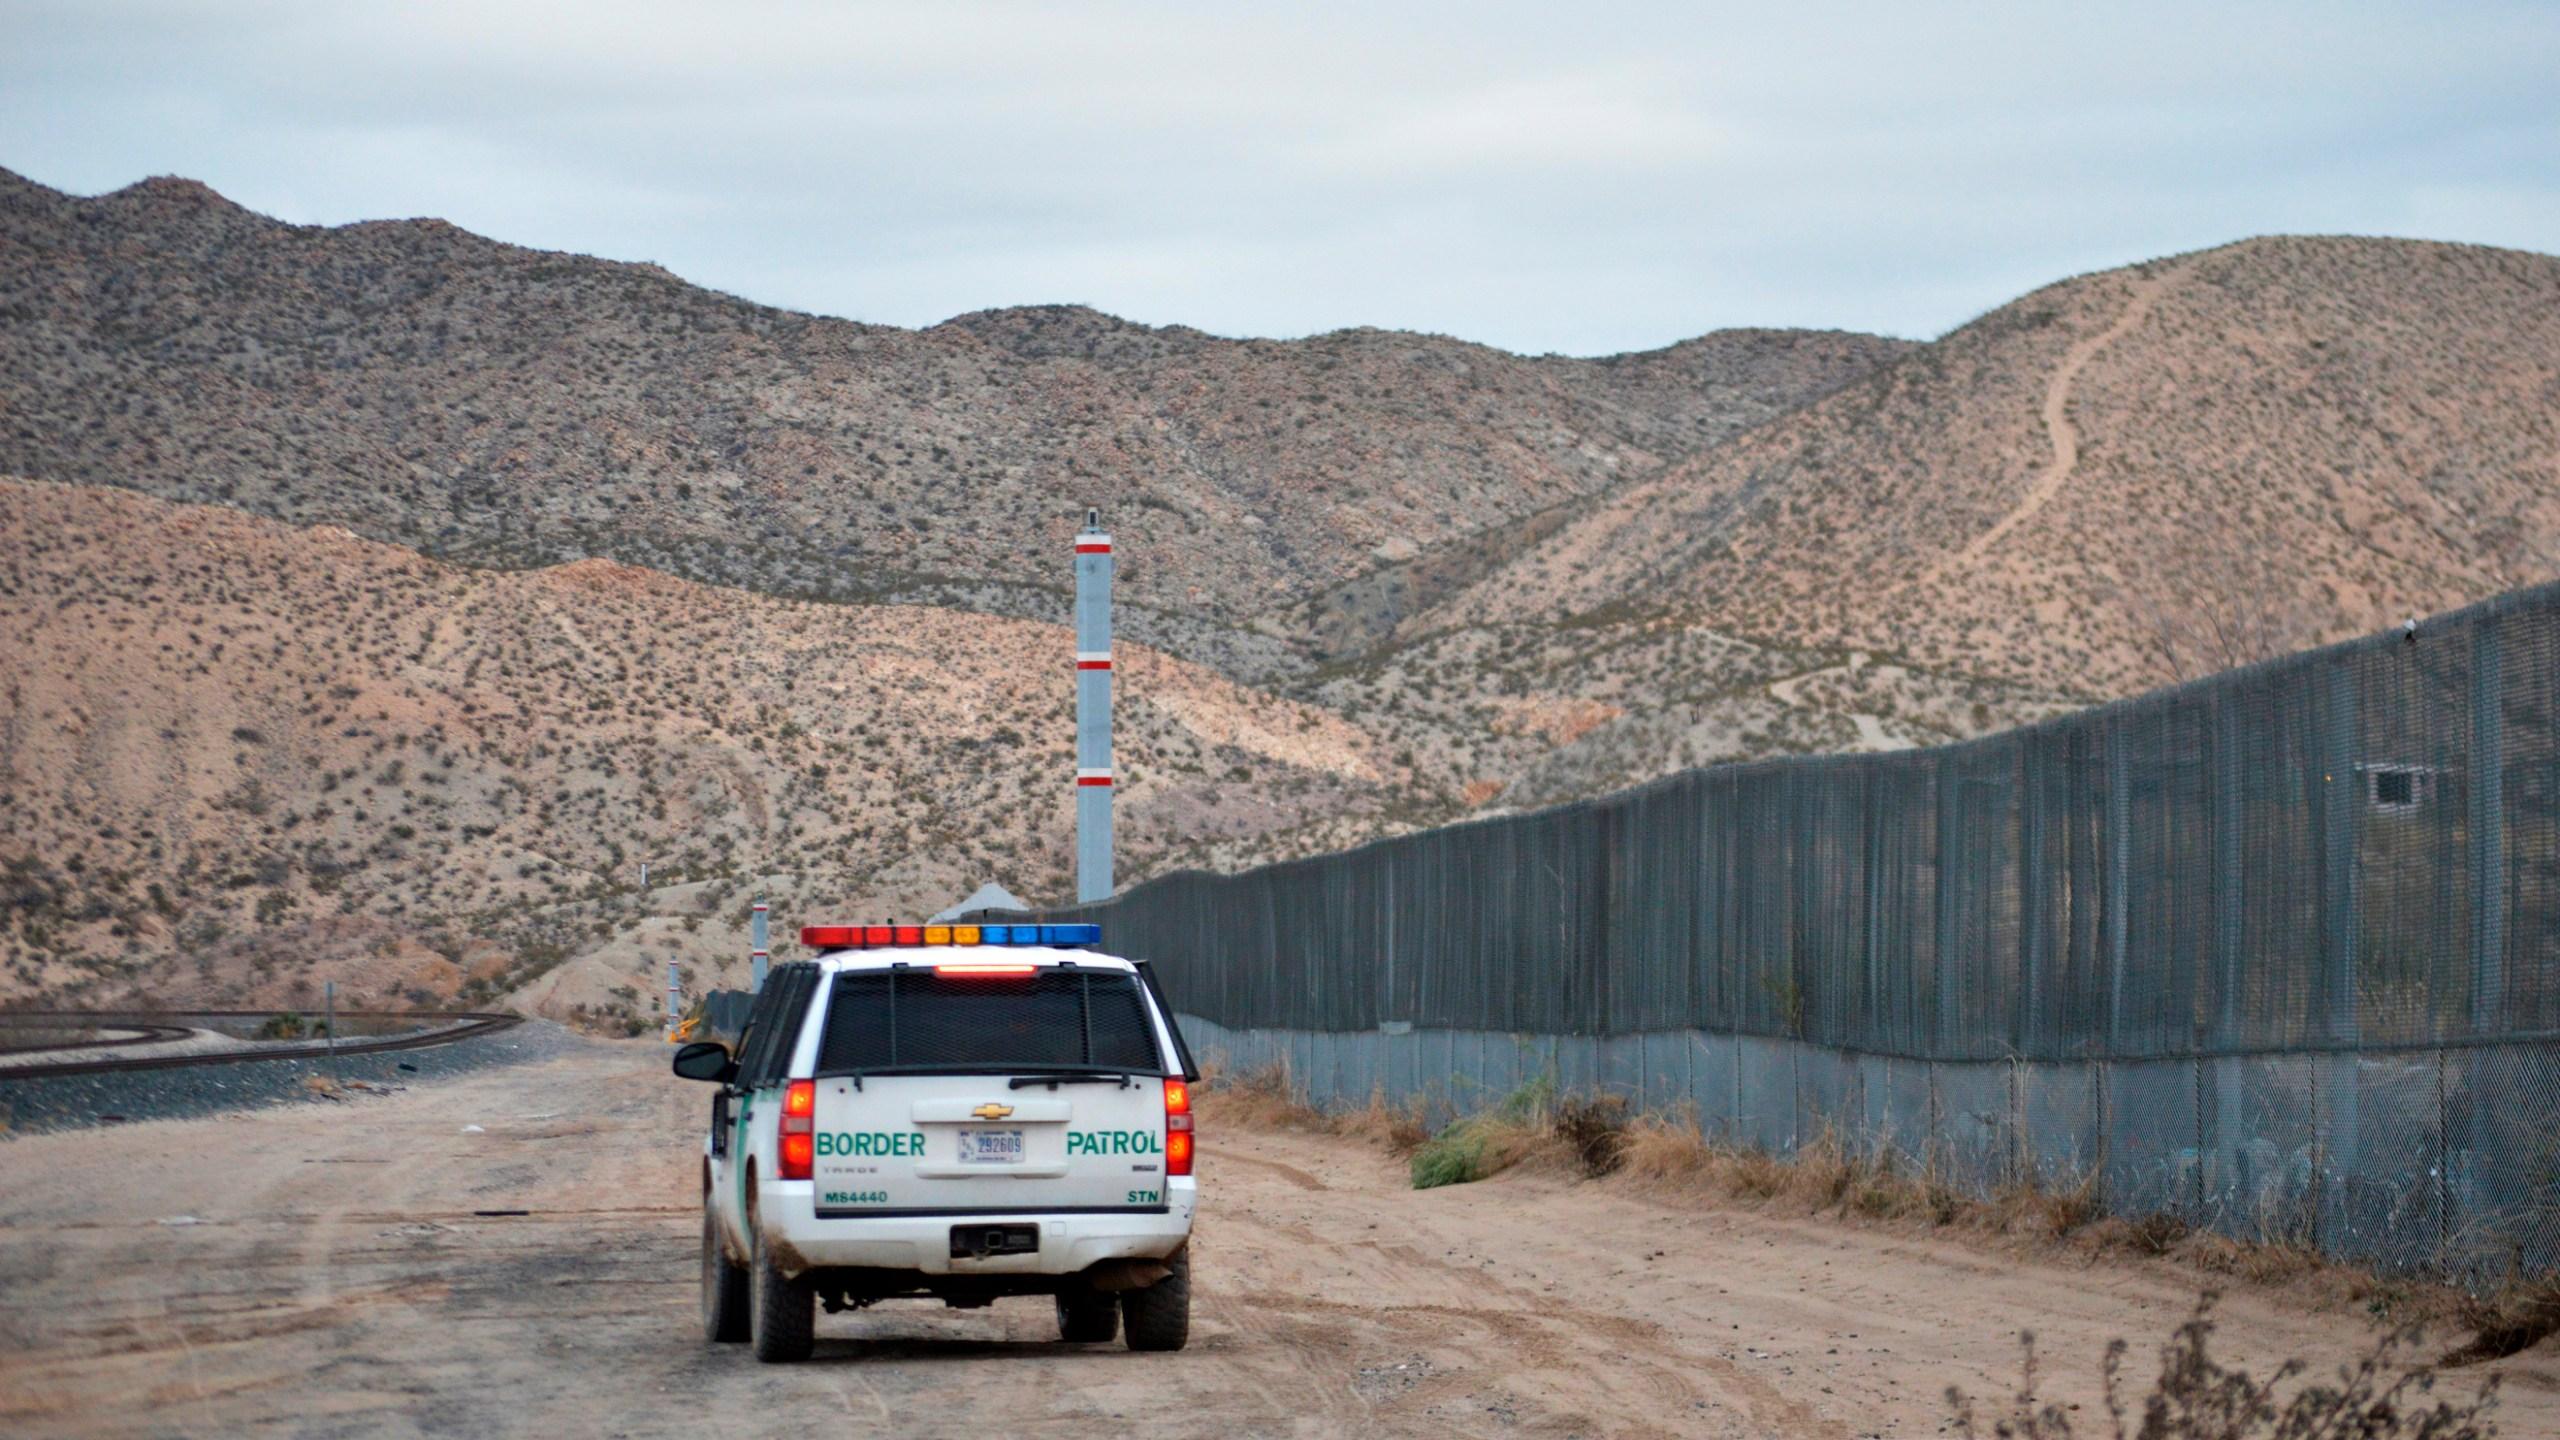 Child_Dead_Border_Patrol_54818-159532.jpg10643690